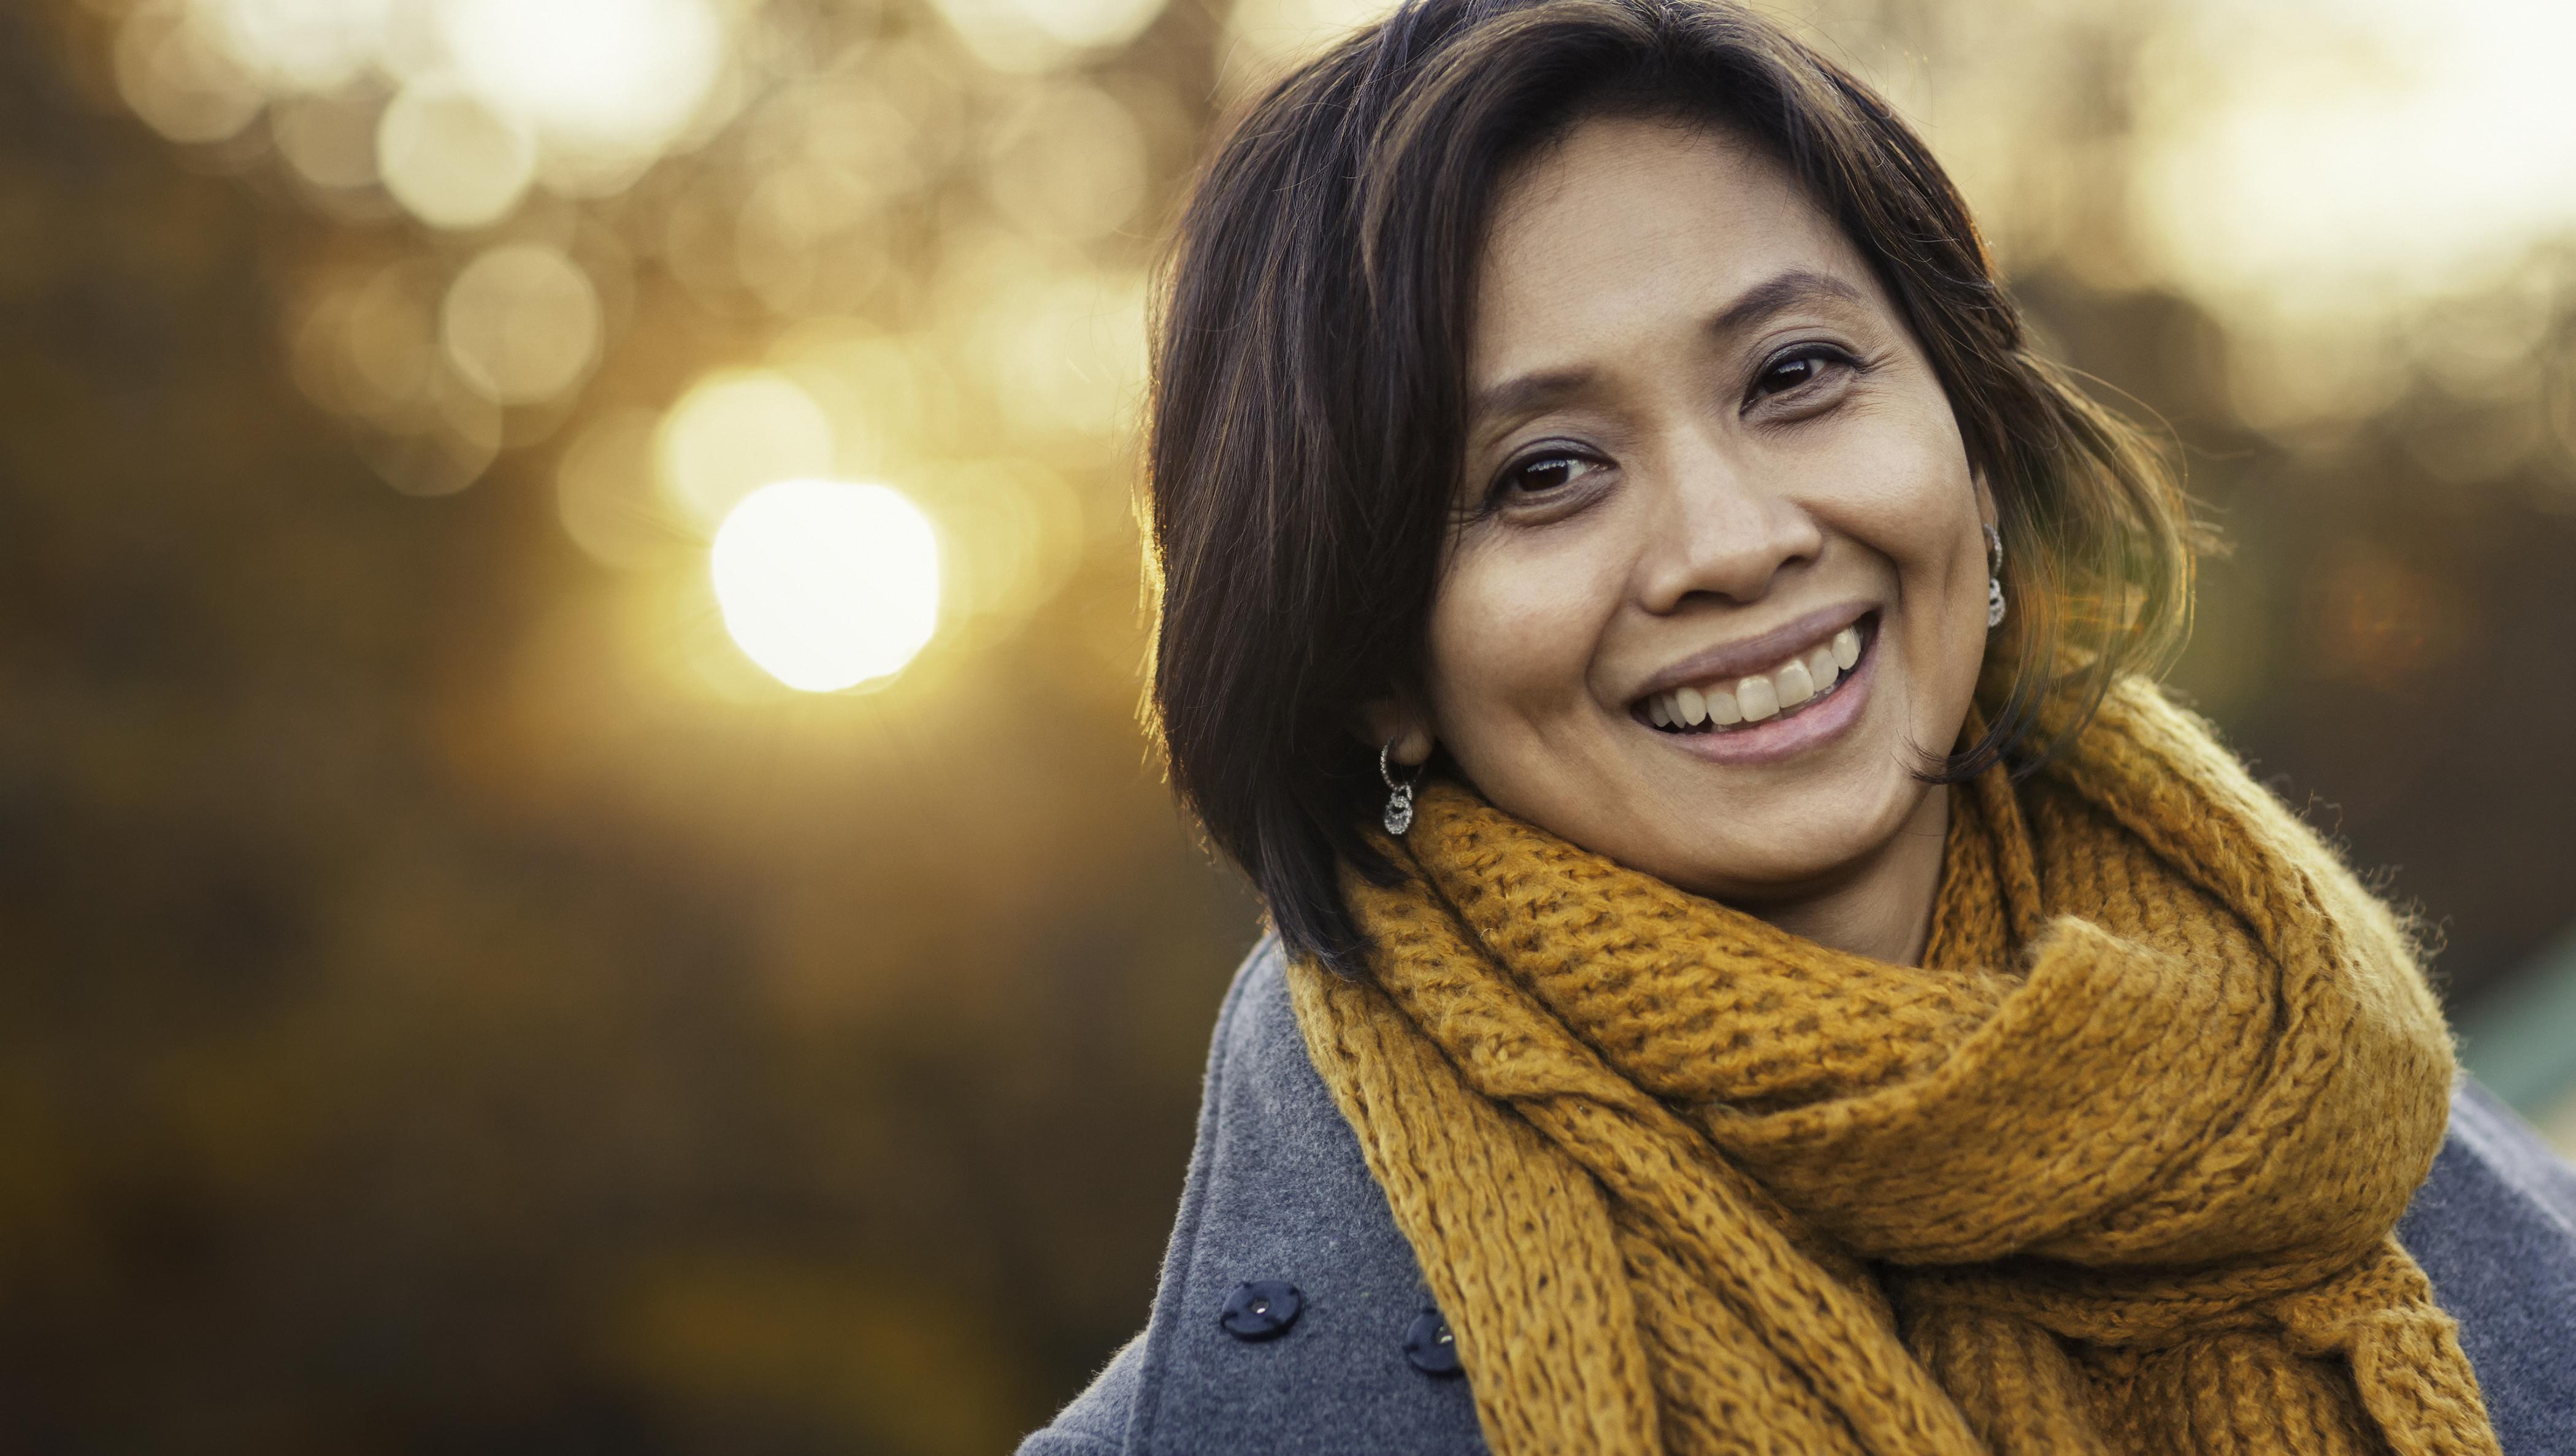 Autumn-portrait-of-a-woman-615926310_4200x2800